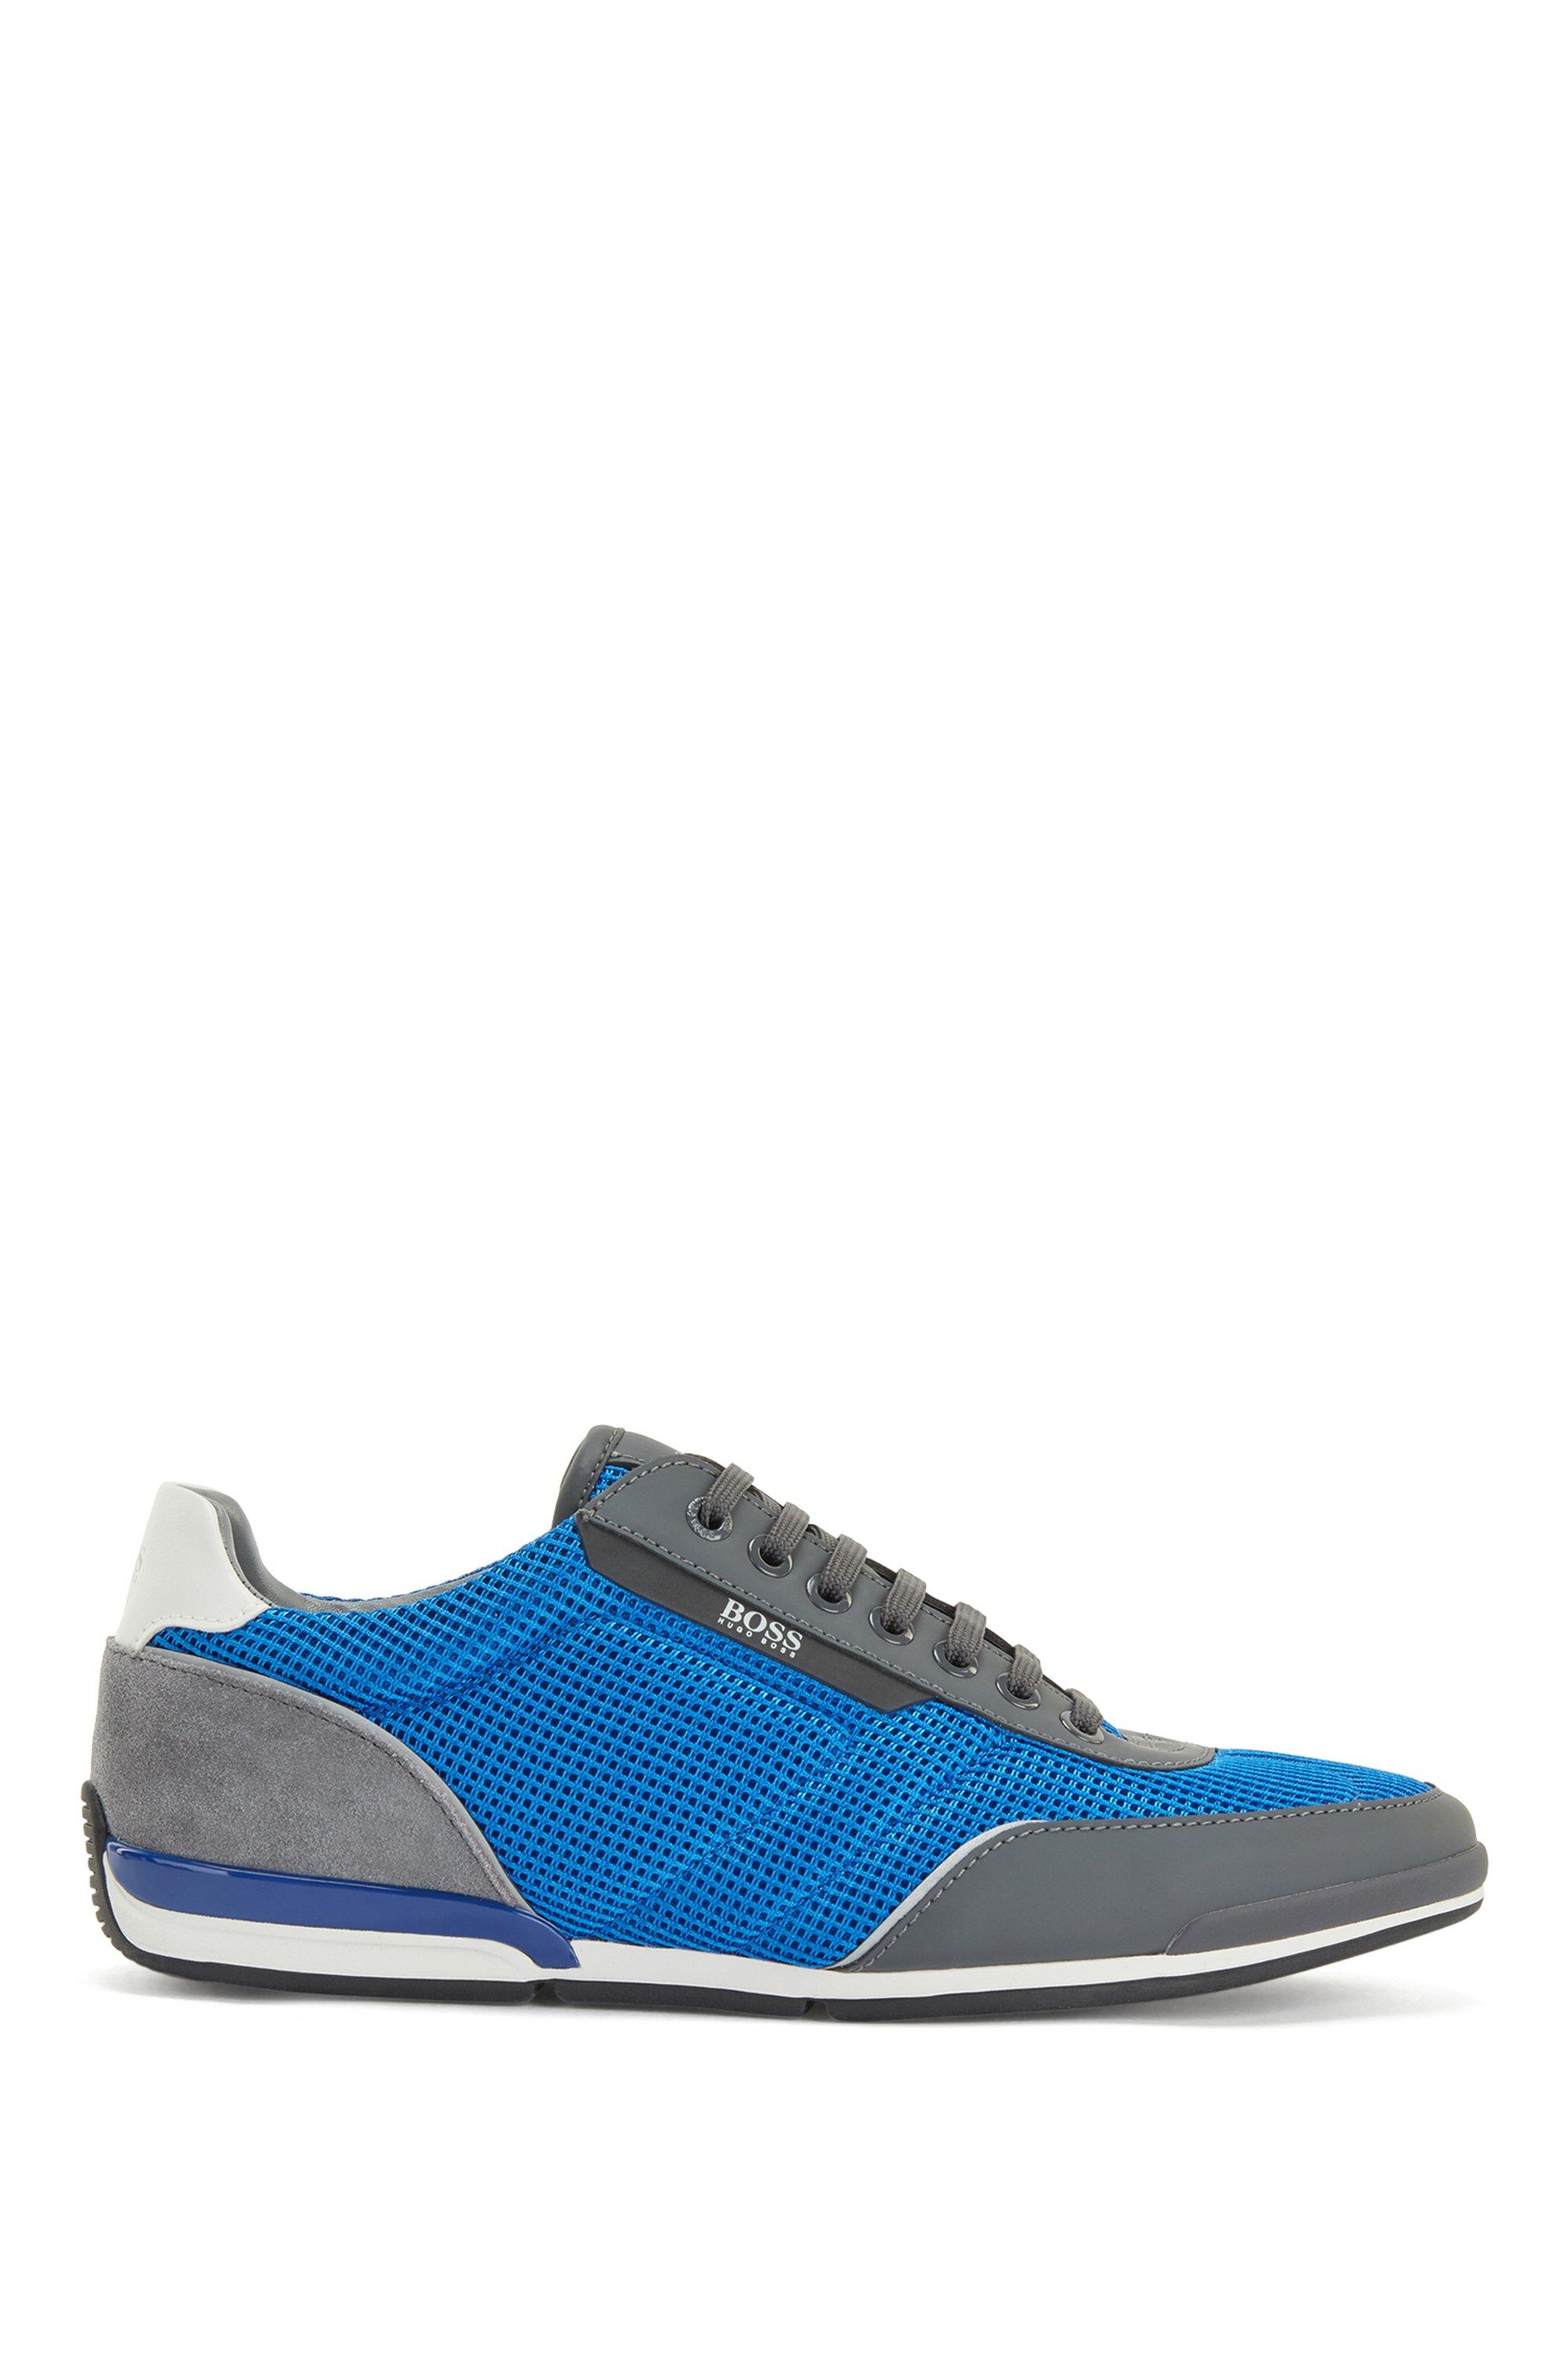 Sneakers aus Mesh mit gummierten Details, Blau